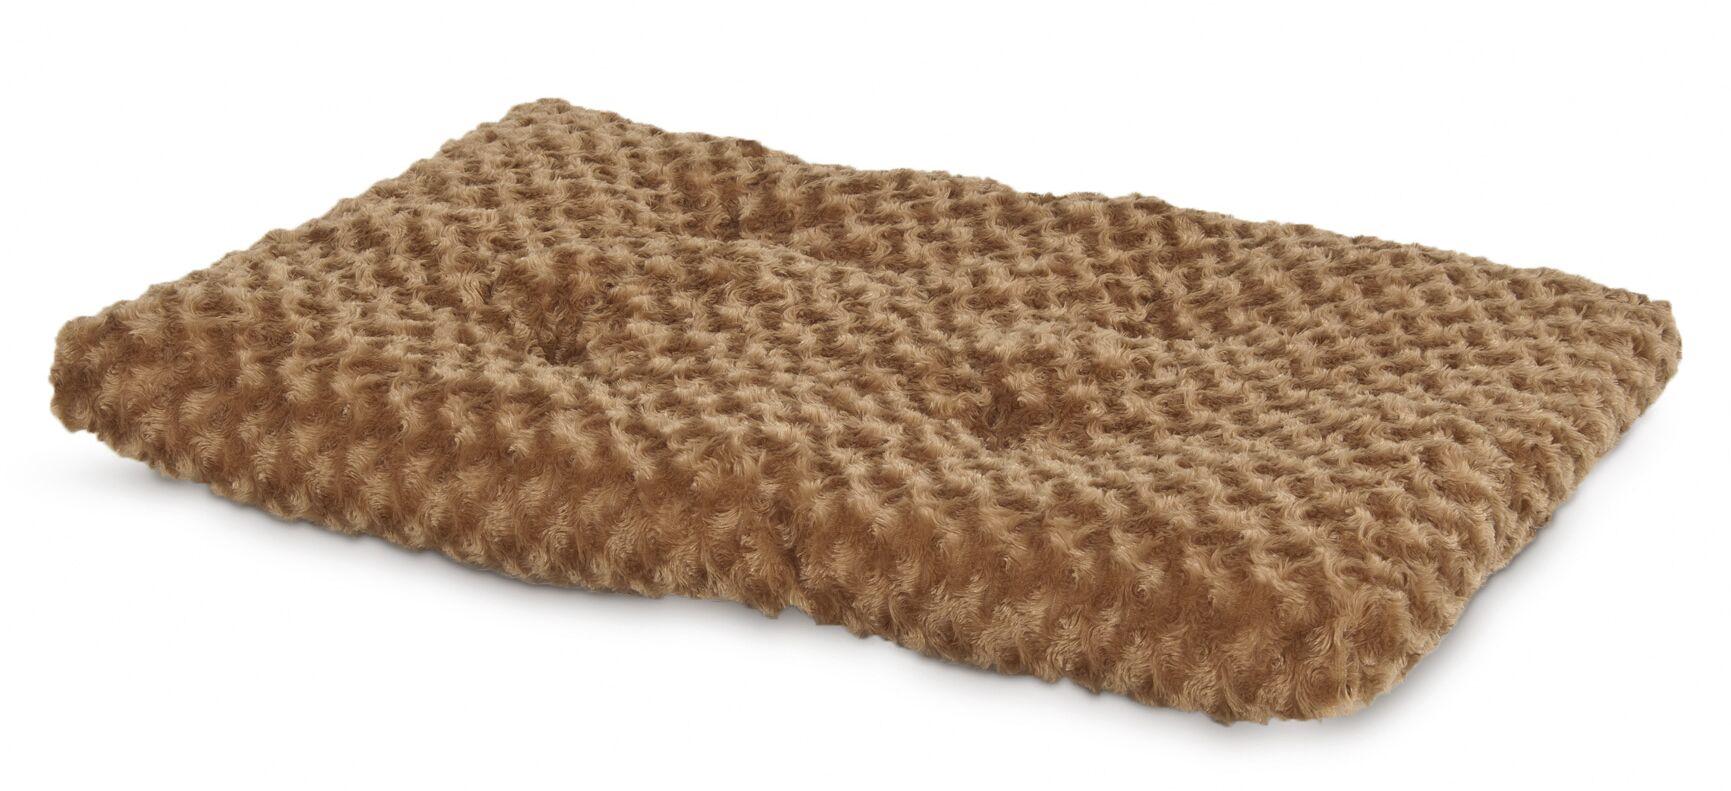 Plush Kennel Dog Mat Size: 16.5